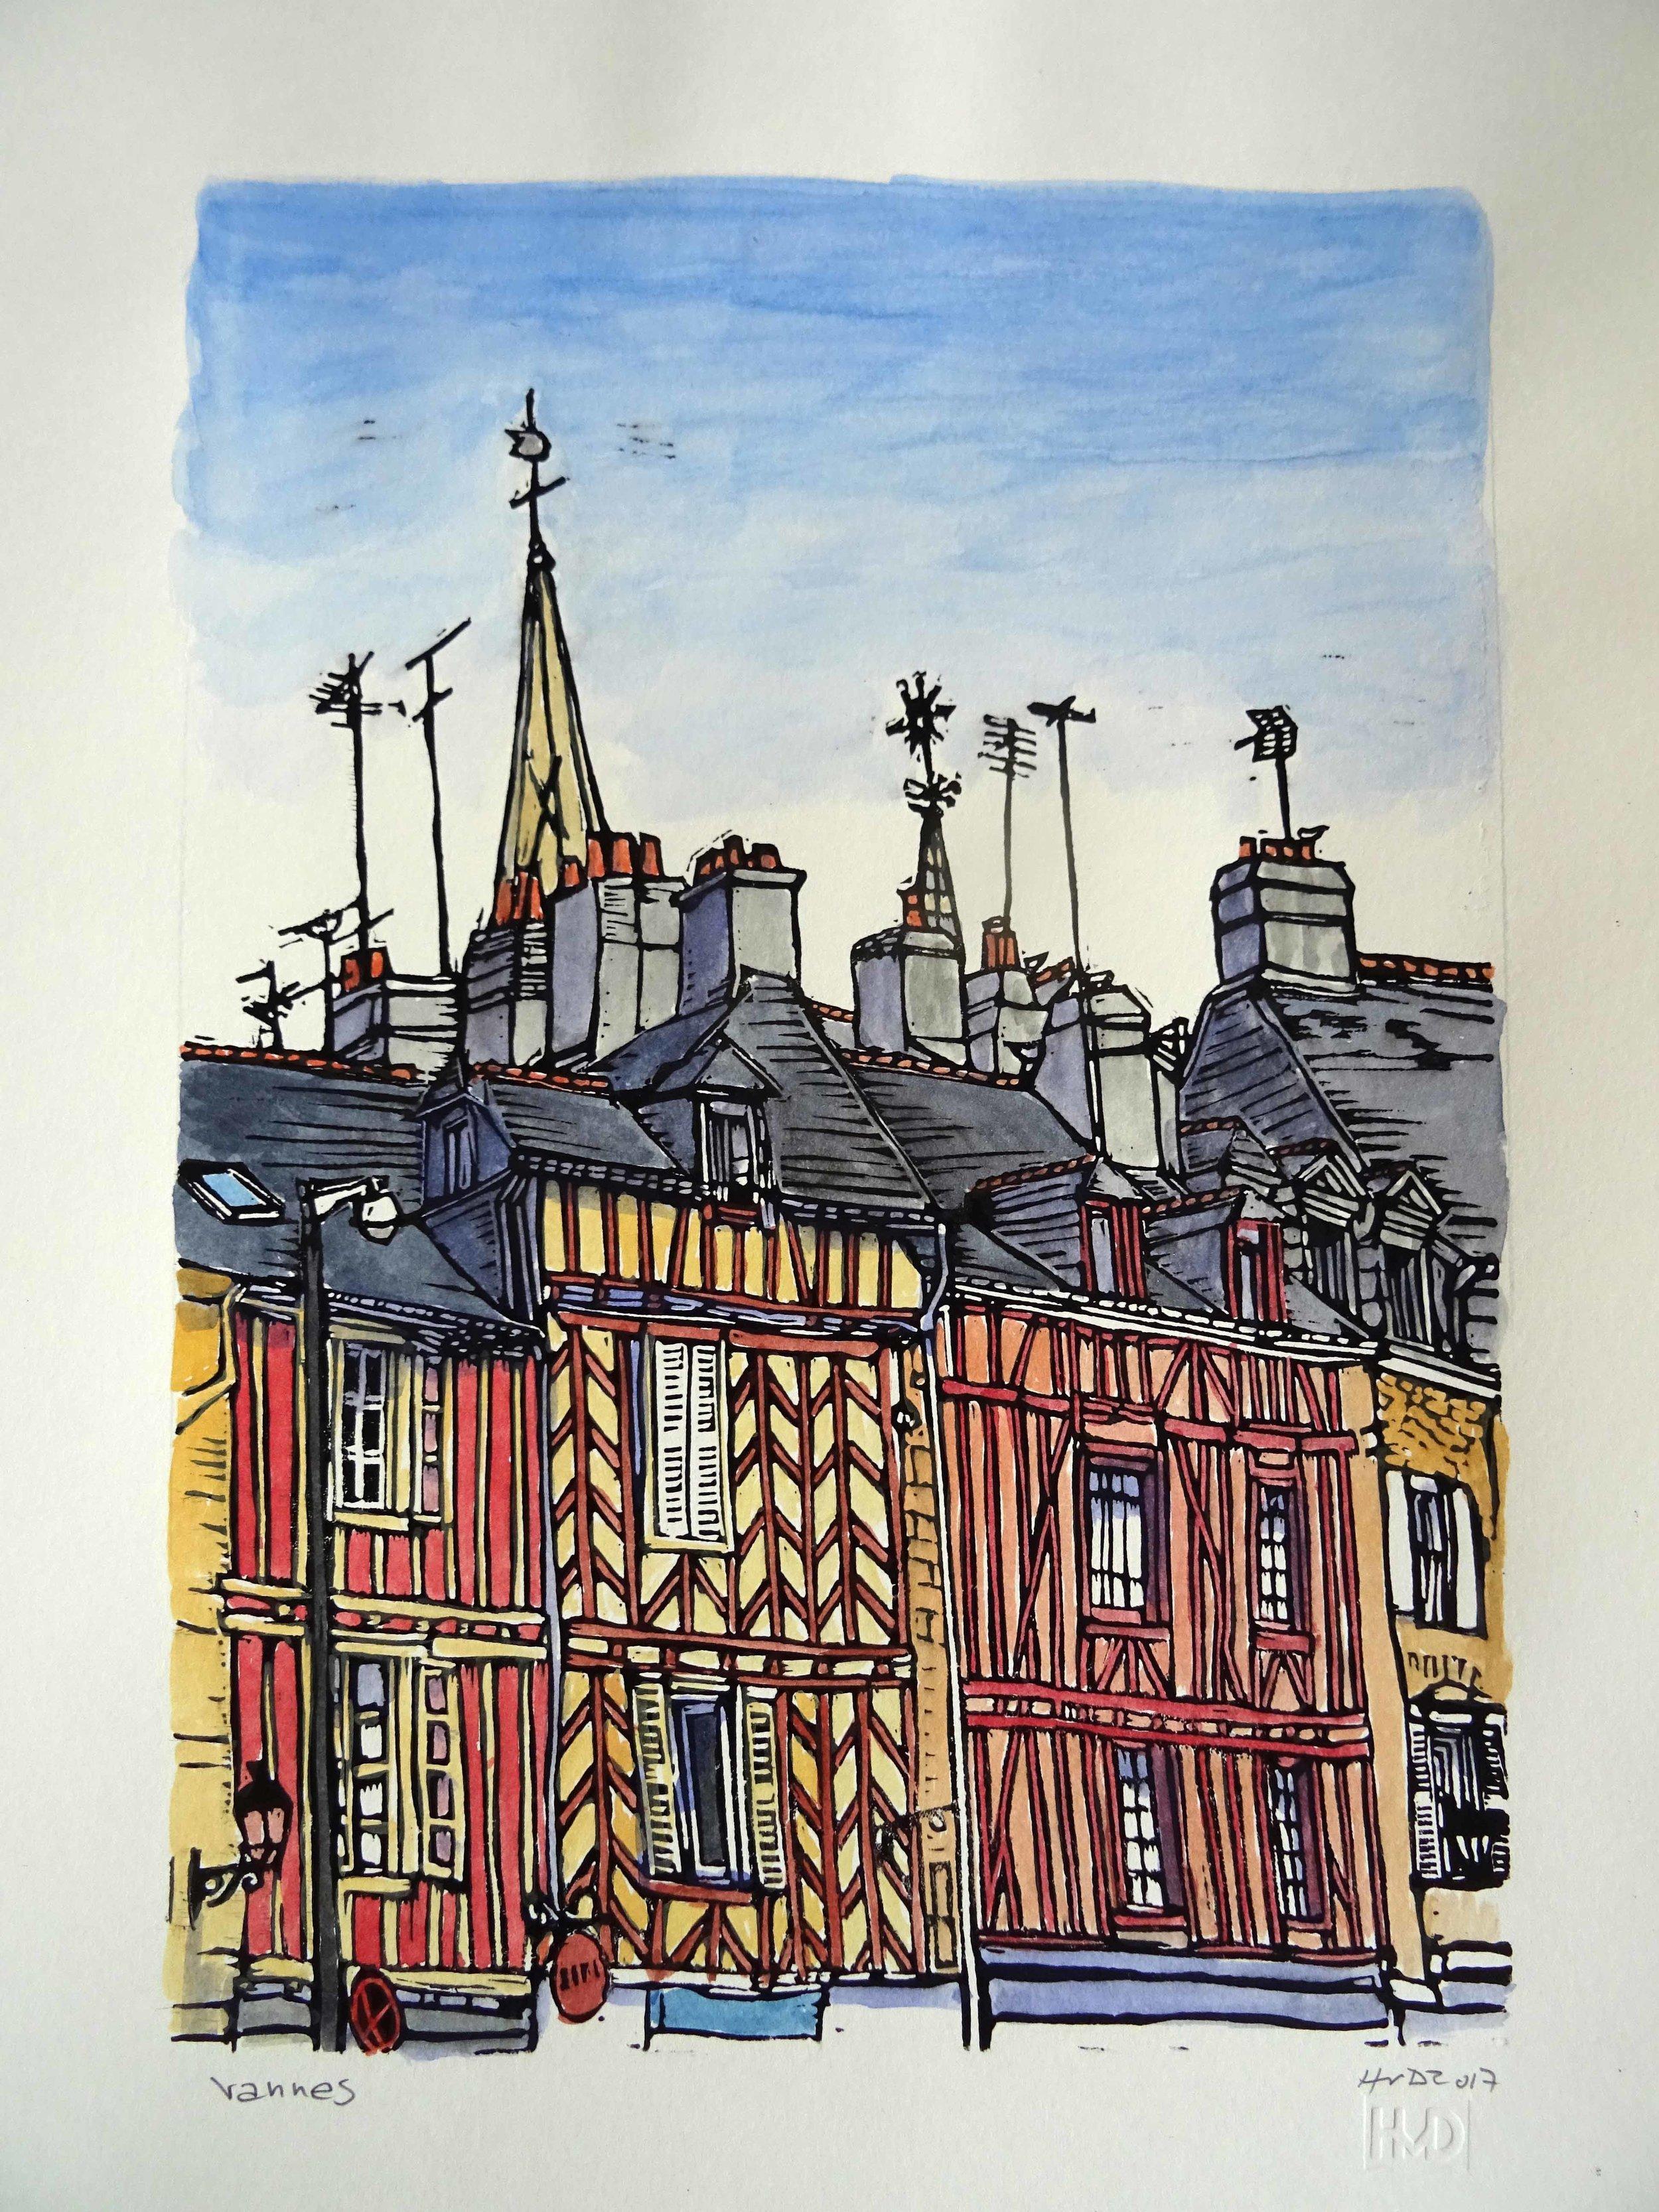 202 - Vannes, coloured lino 30x21 cm, 80 €